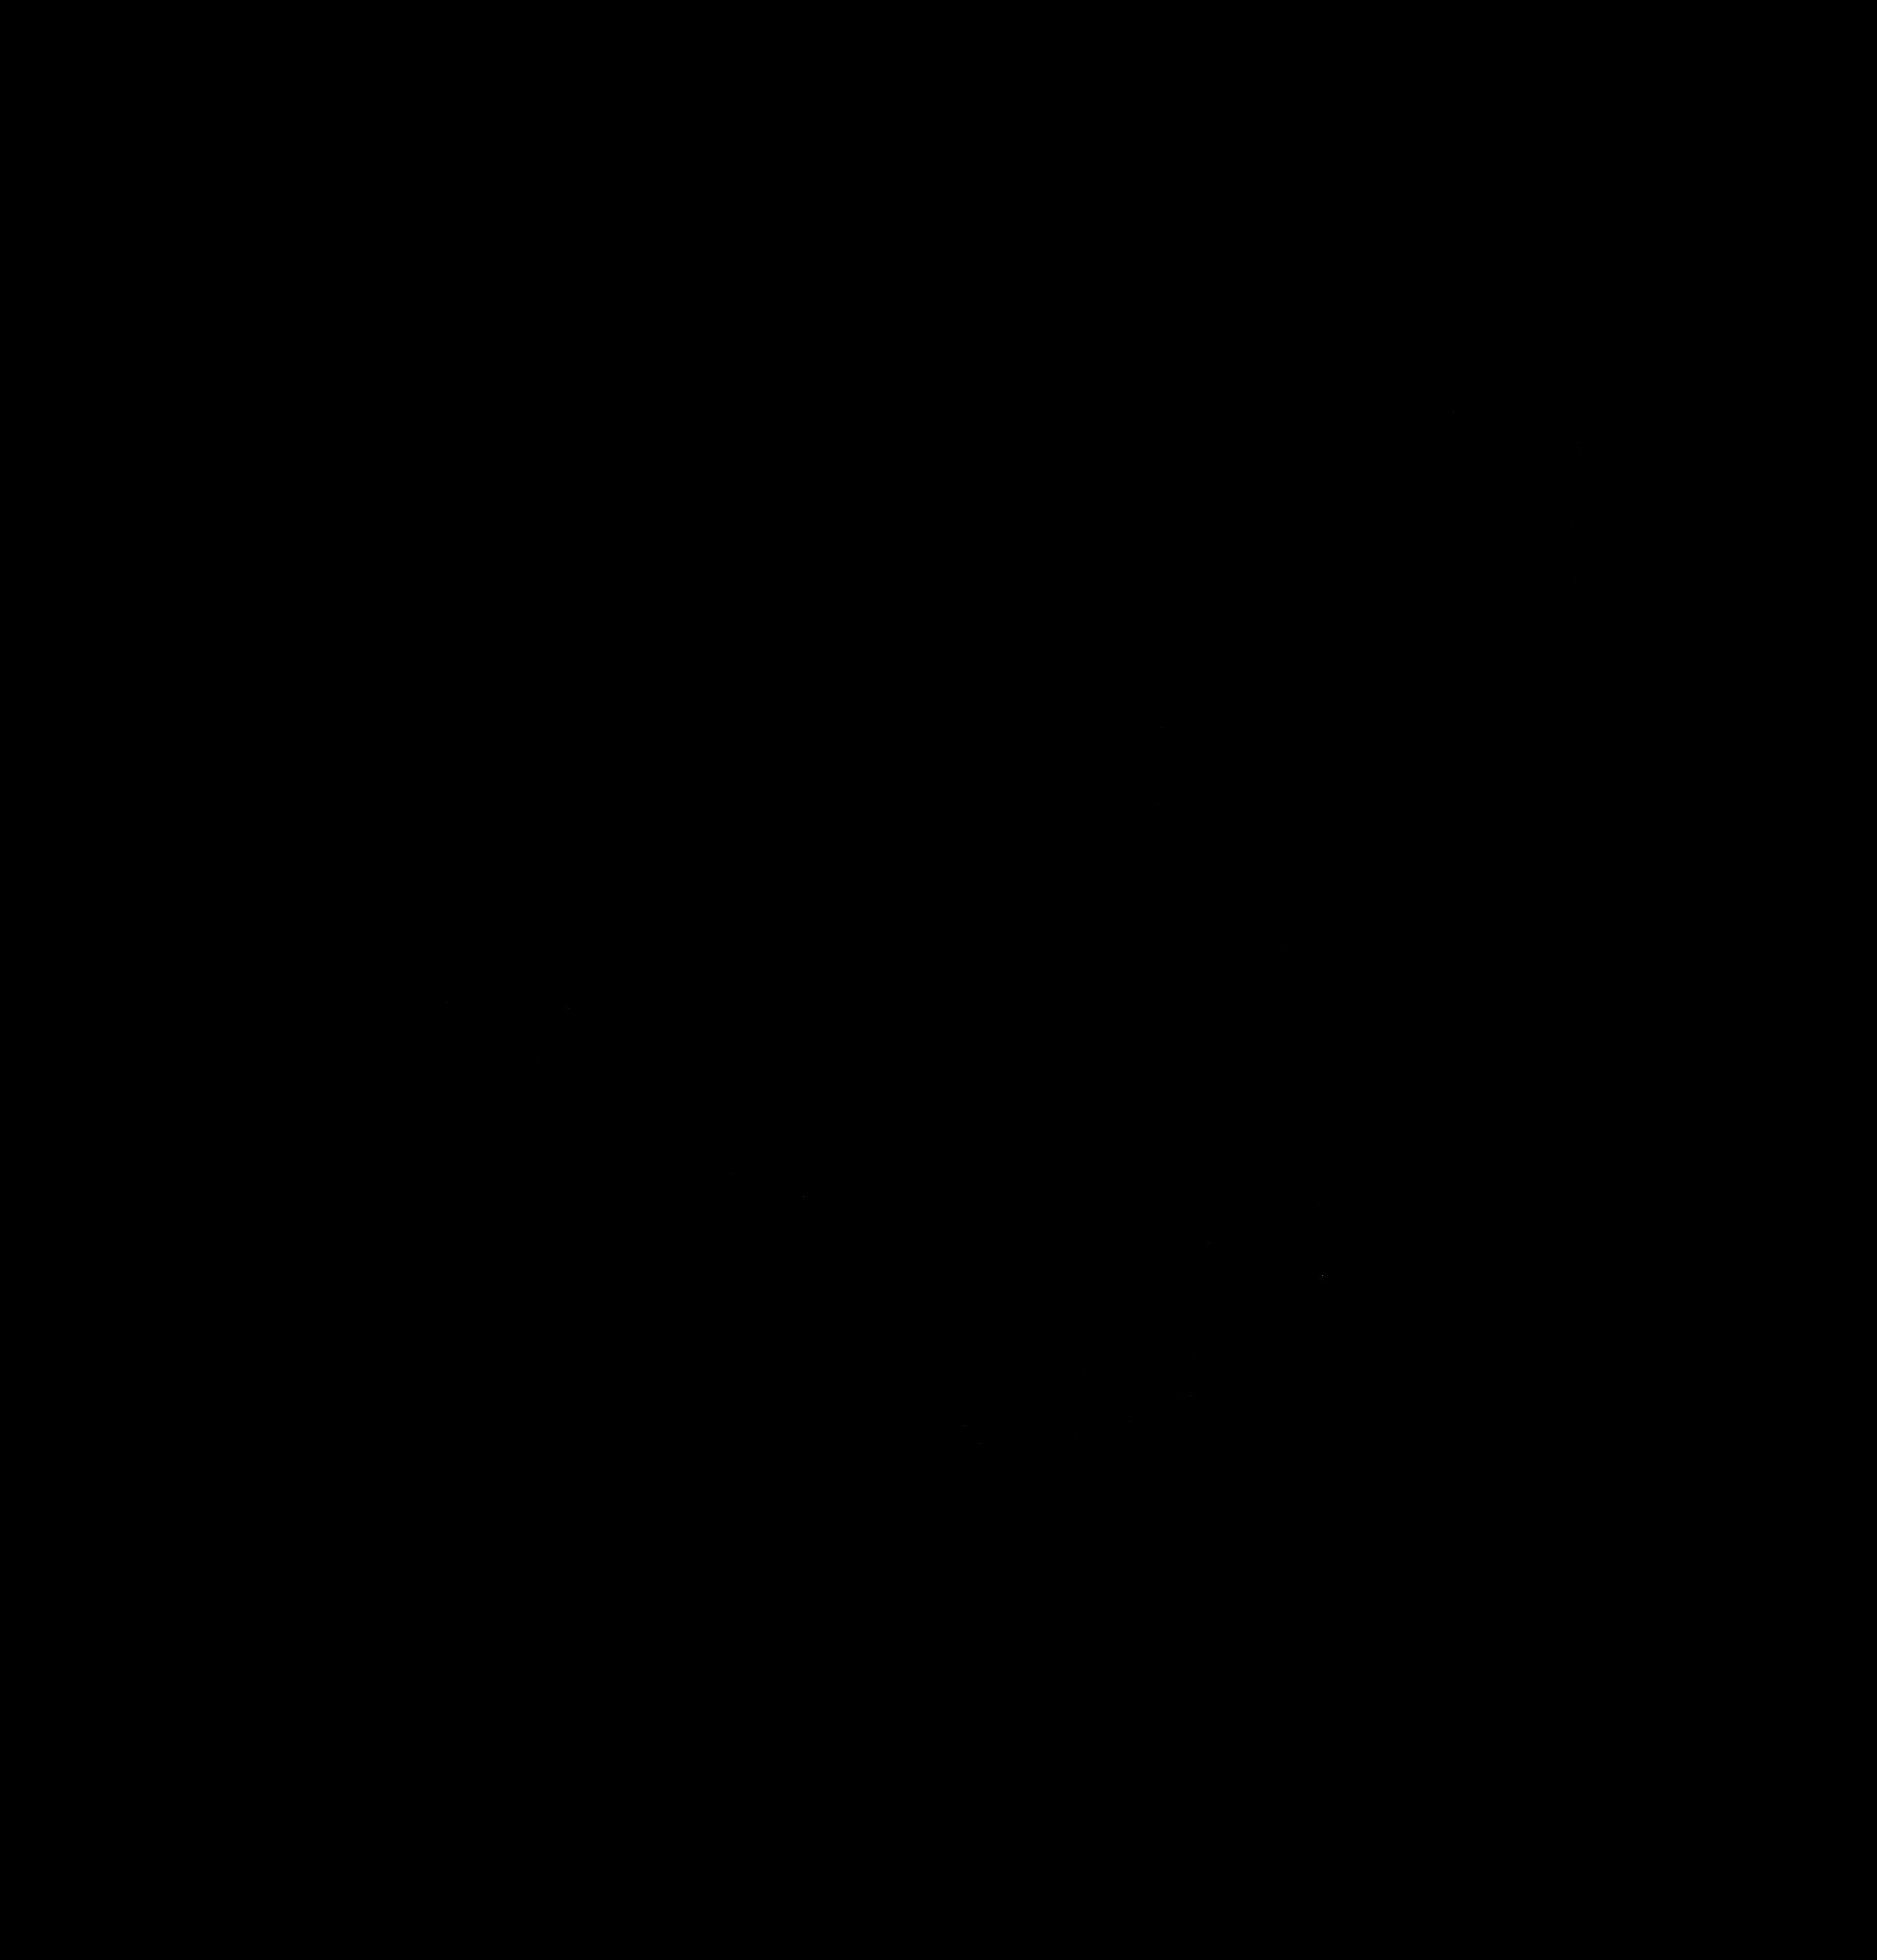 Разработка фирменного символа компании - касатки, НЕ ЛОГОТИП фото f_7565b027a42d03e9.png